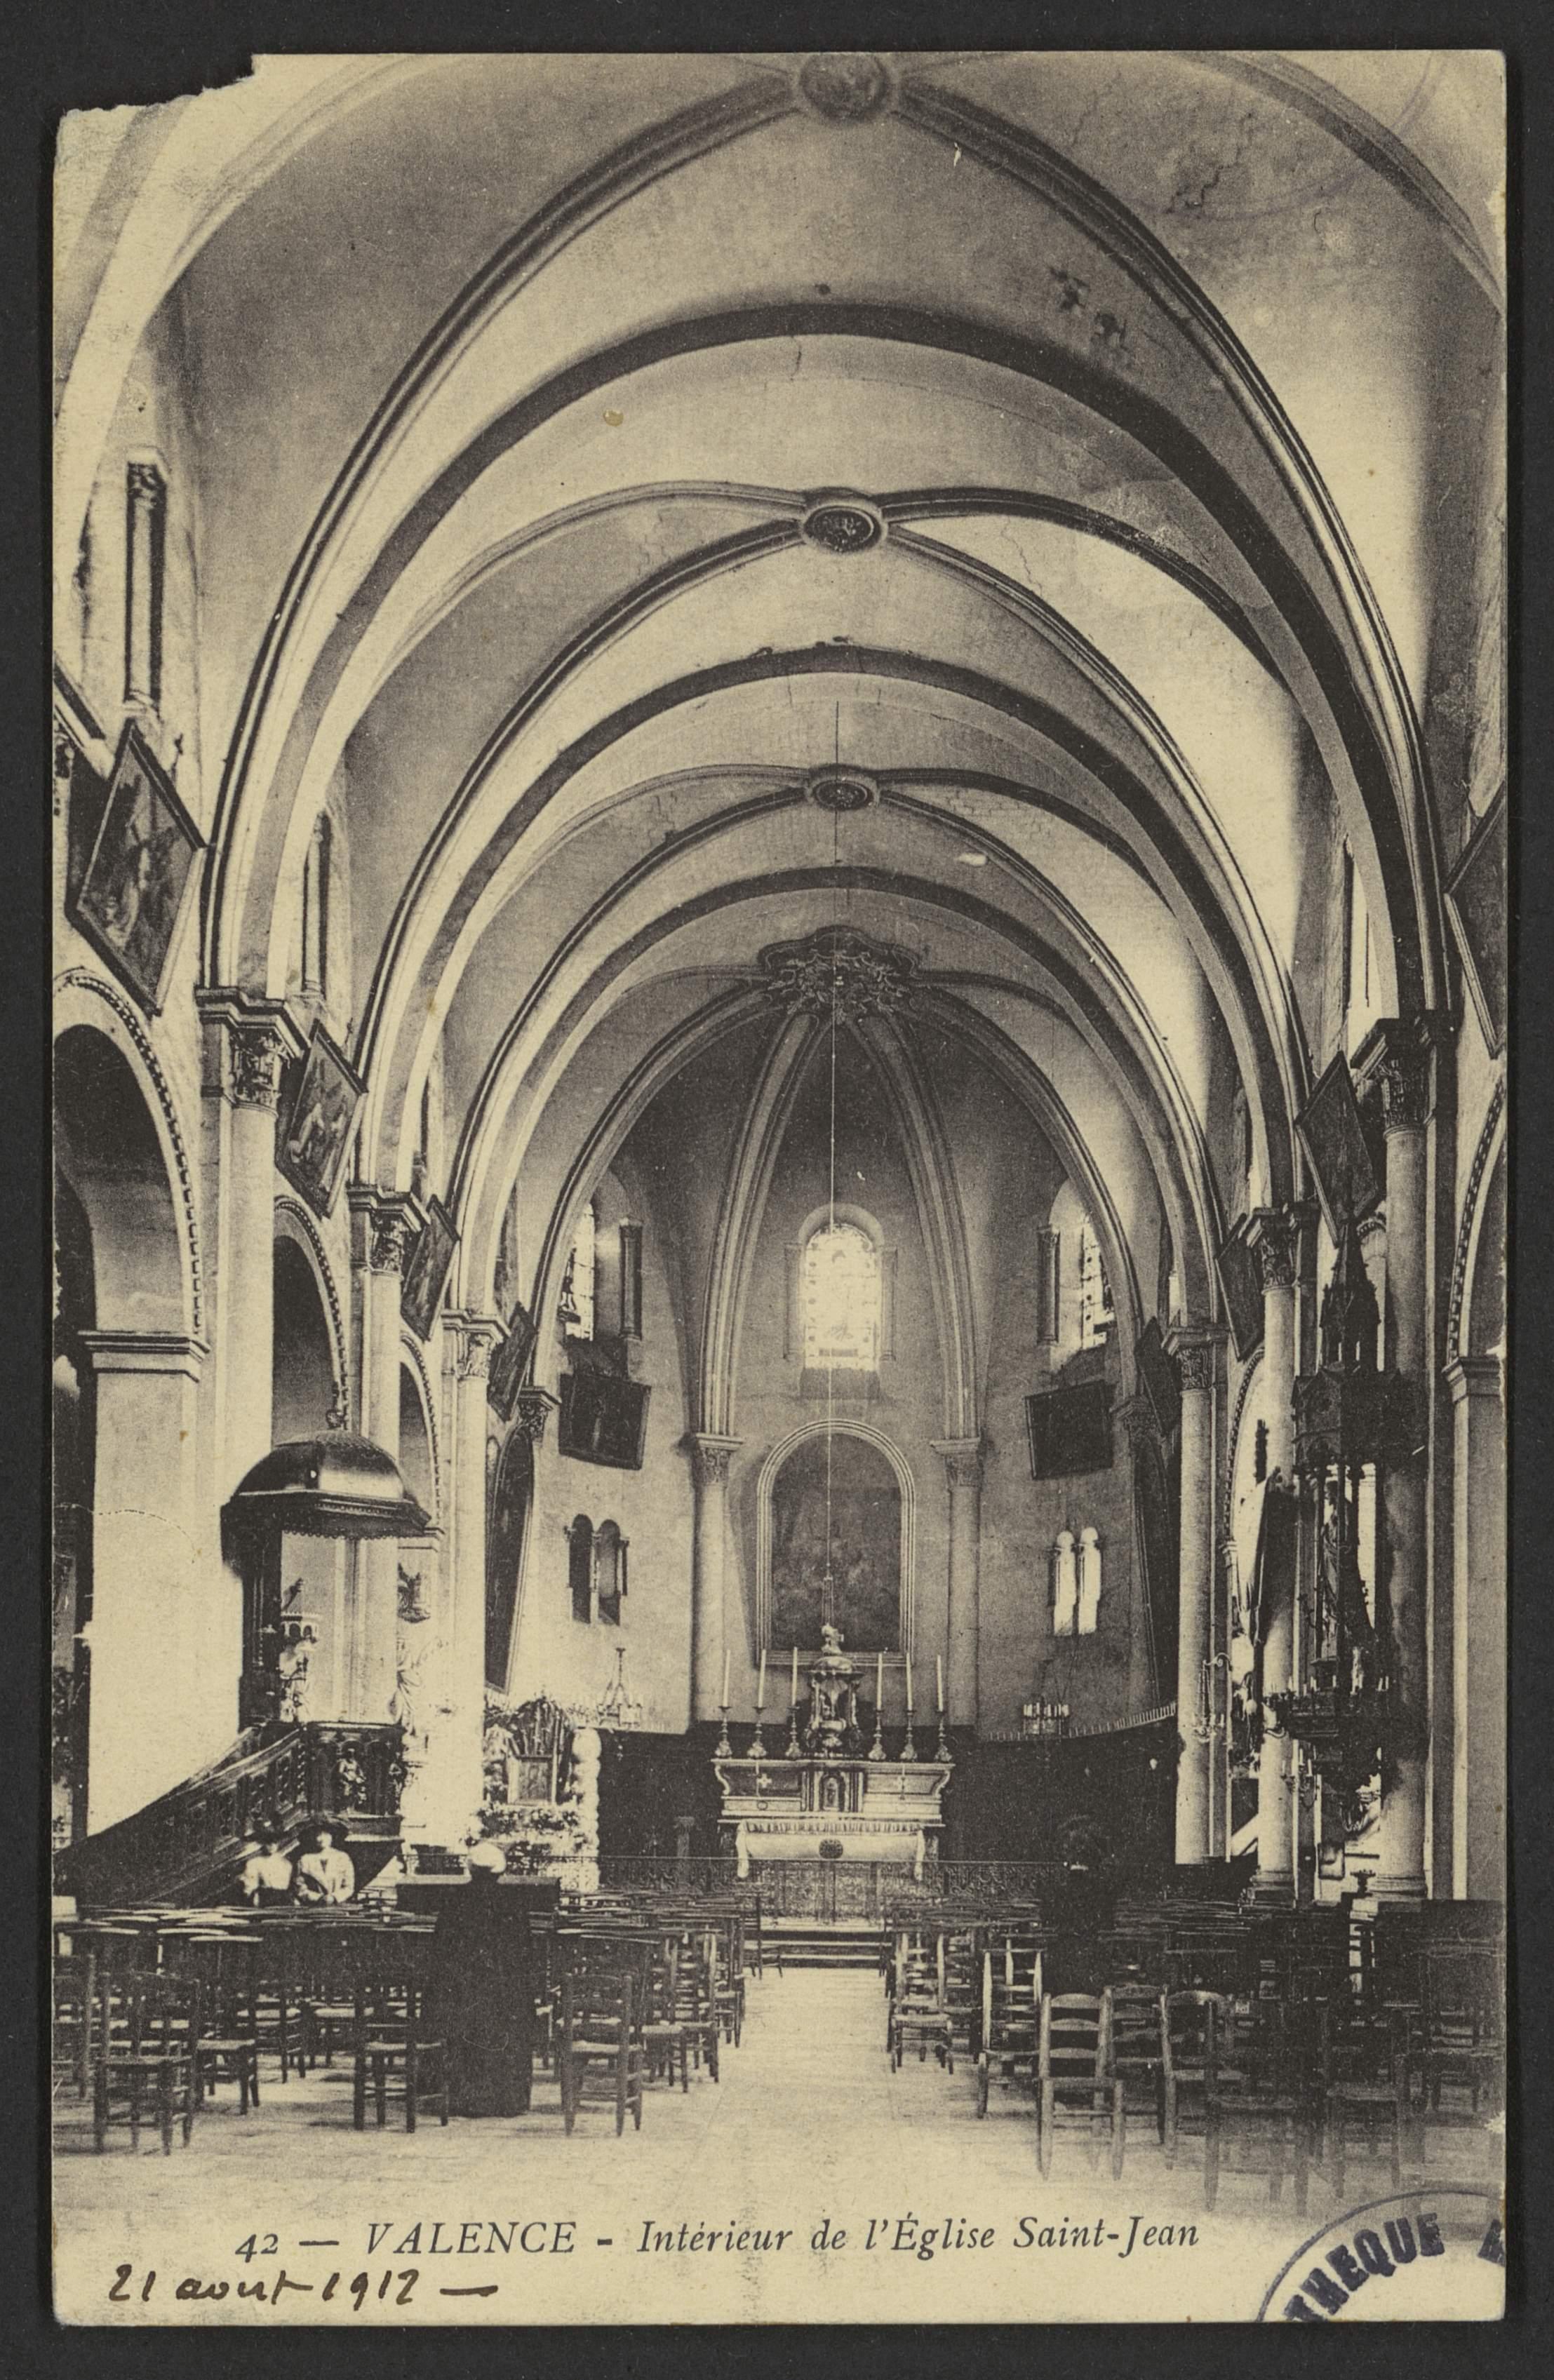 Valence - Intérieur de l'Eglise Saint-Jean